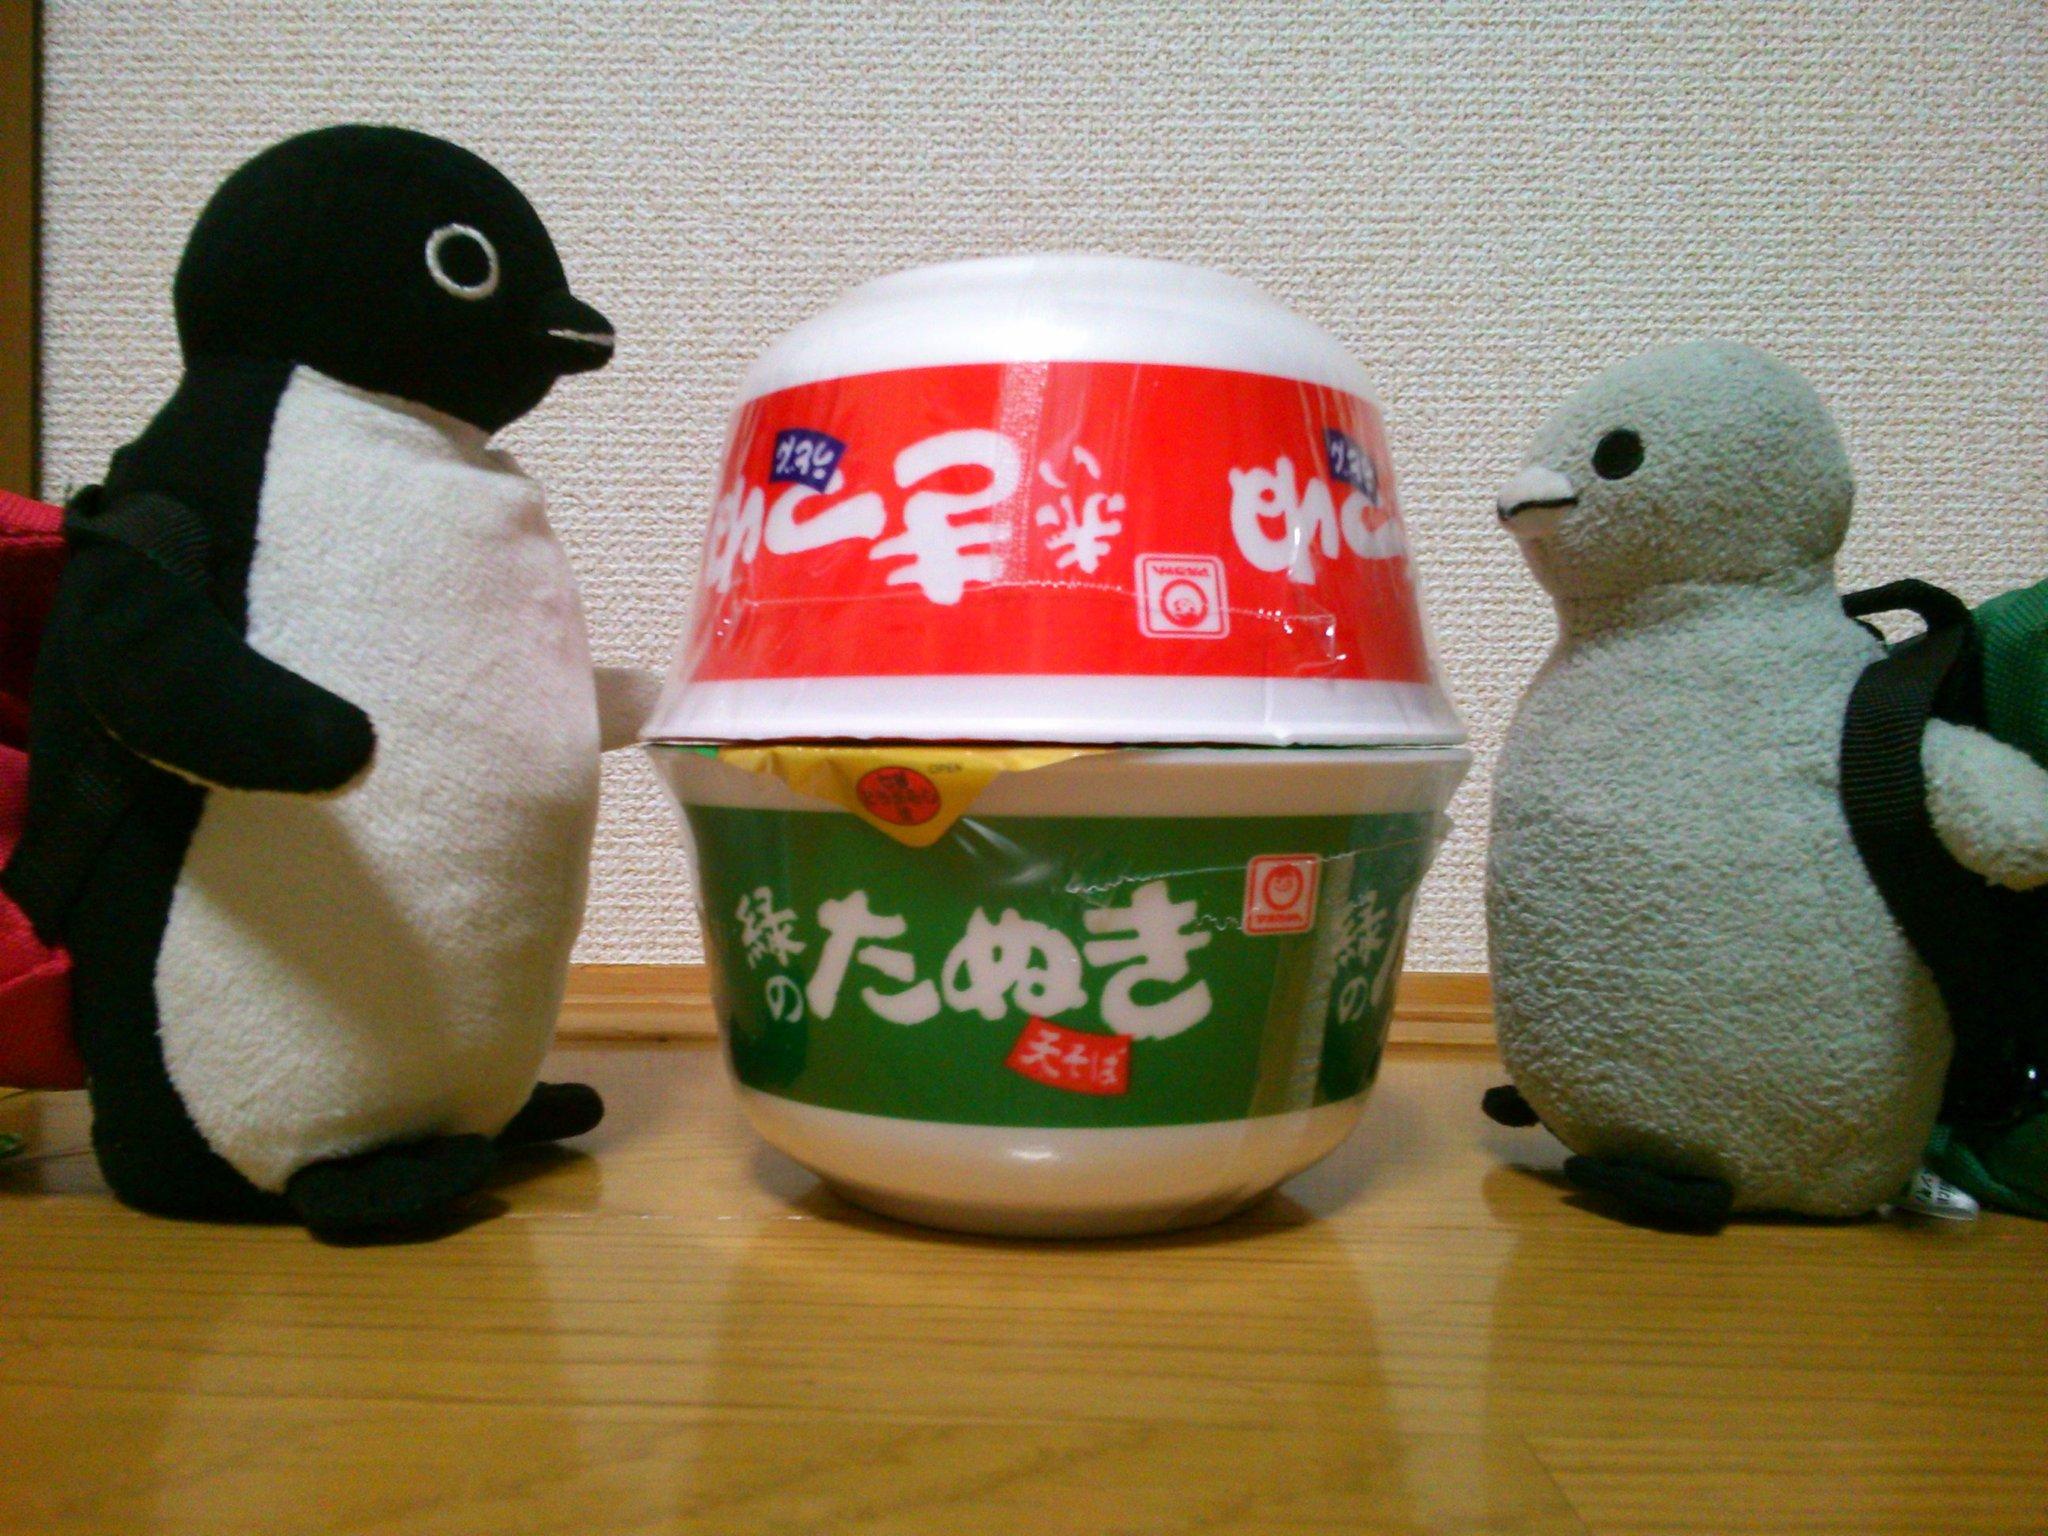 カップ麺は食べるだけではない!!気圧計としても活躍する!!